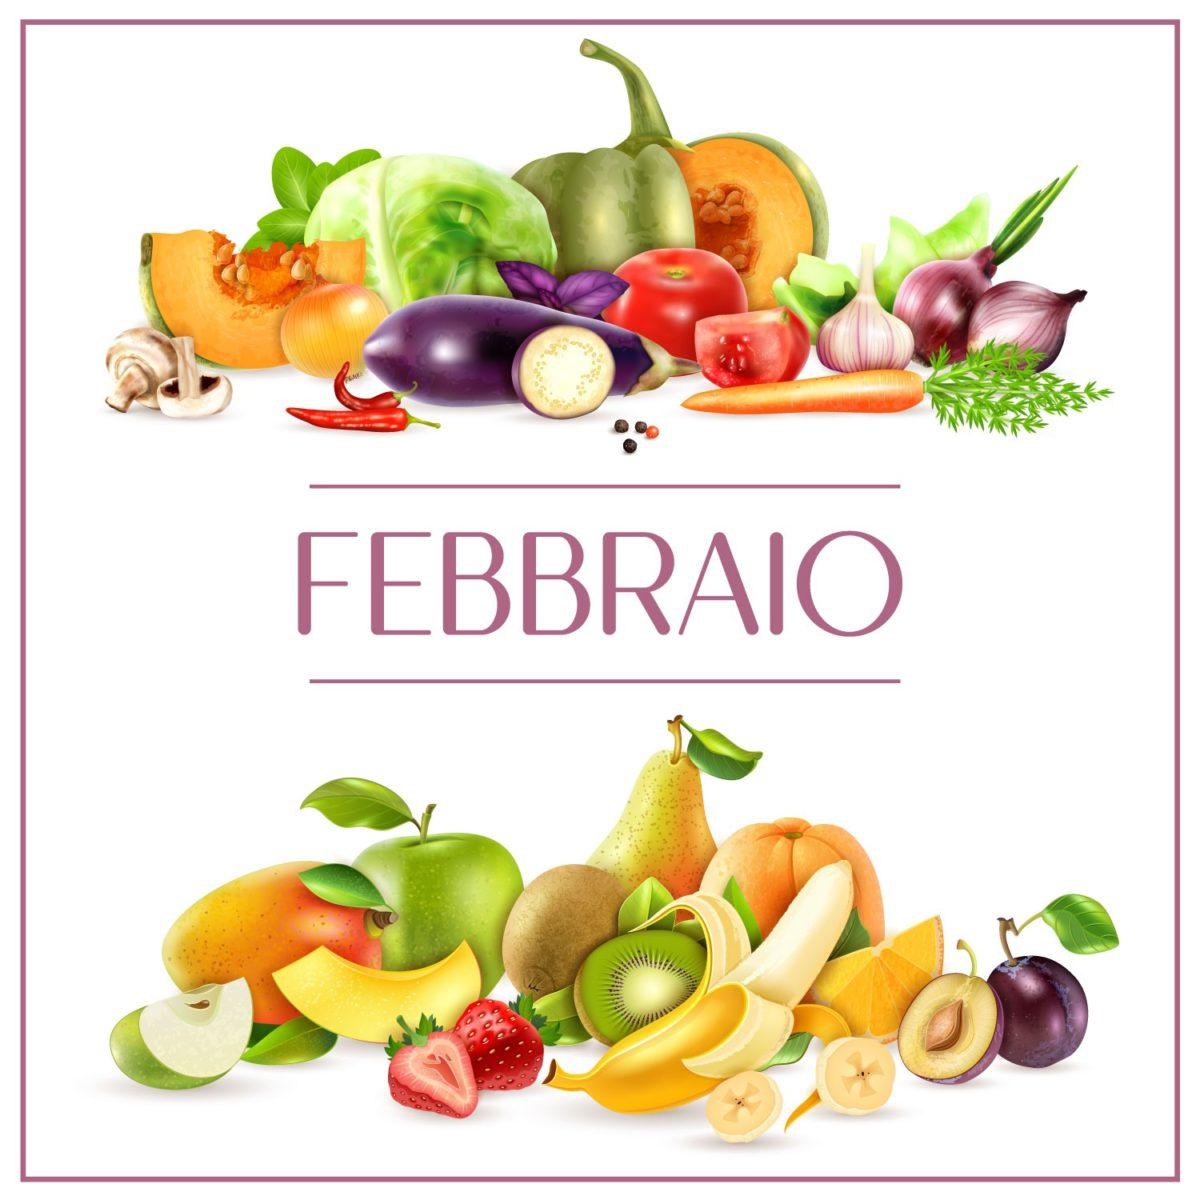 Consiglio-del-mese-febbraio-quale-frutta-e-verdura-comprare-B-Woman-1200x1200.jpeg